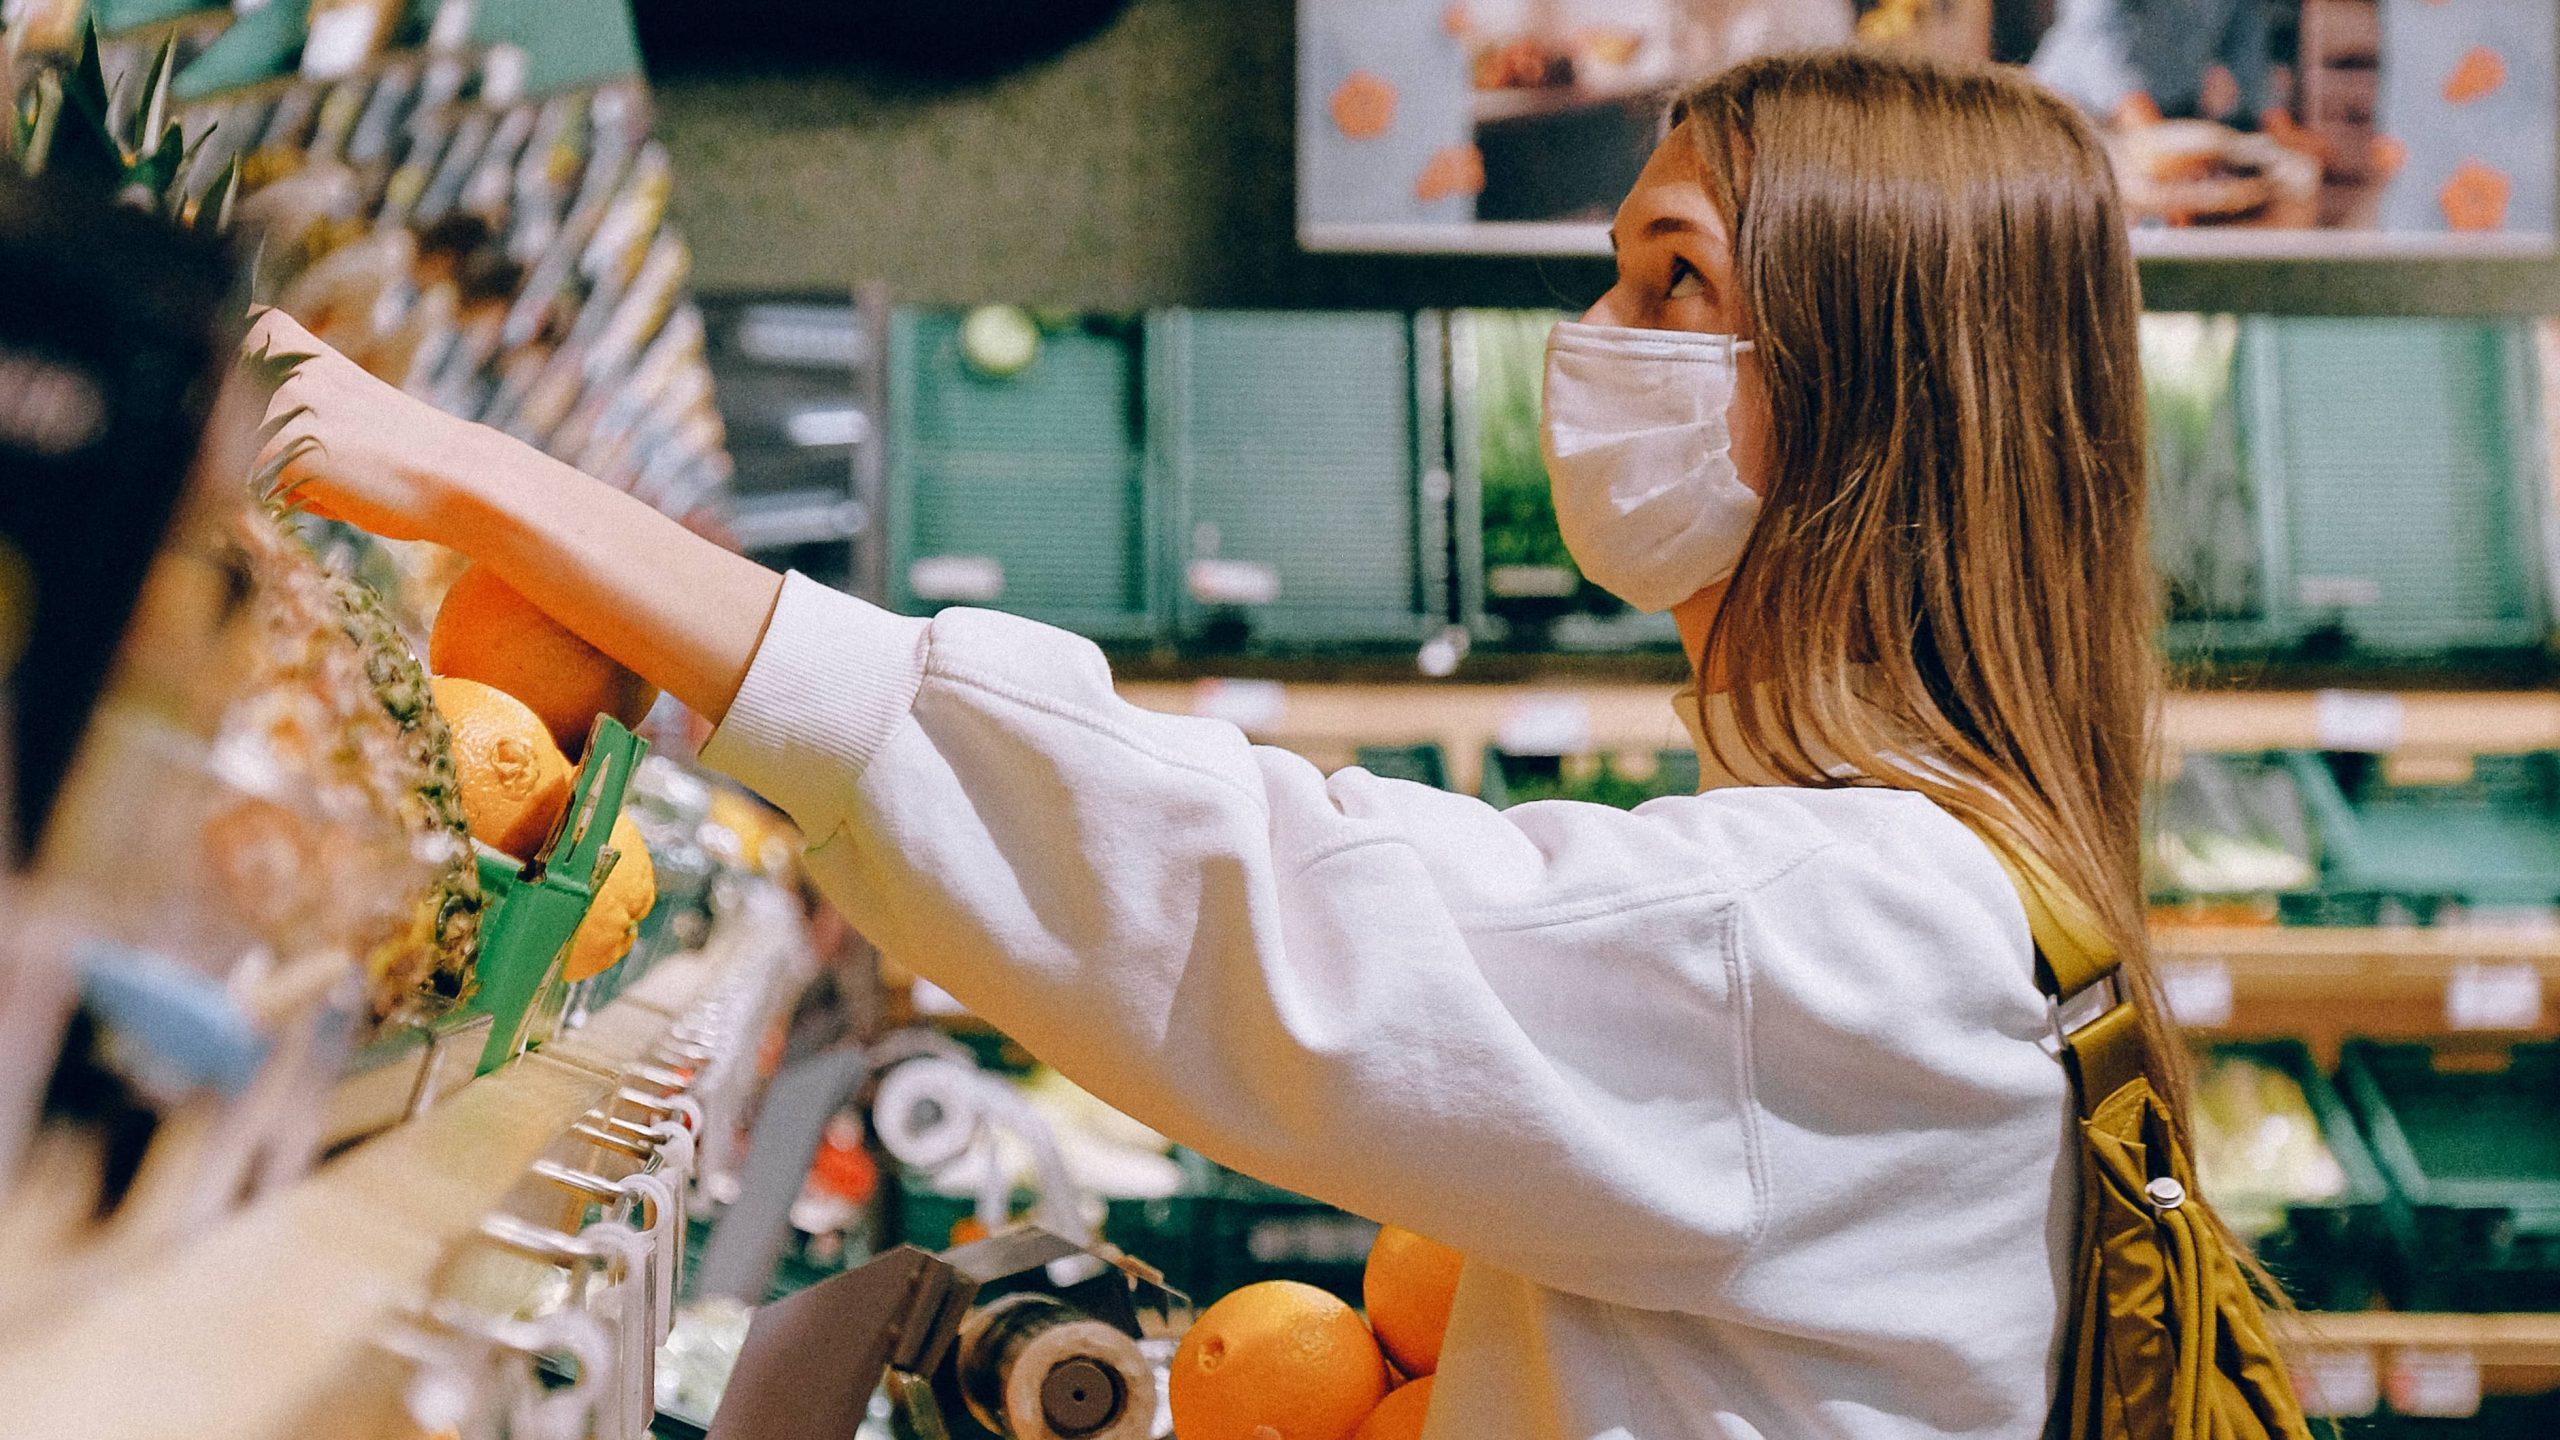 Nein, das Tragen von Alltagsmasken führt nicht zu Sauerstoffmangel im Gehirn